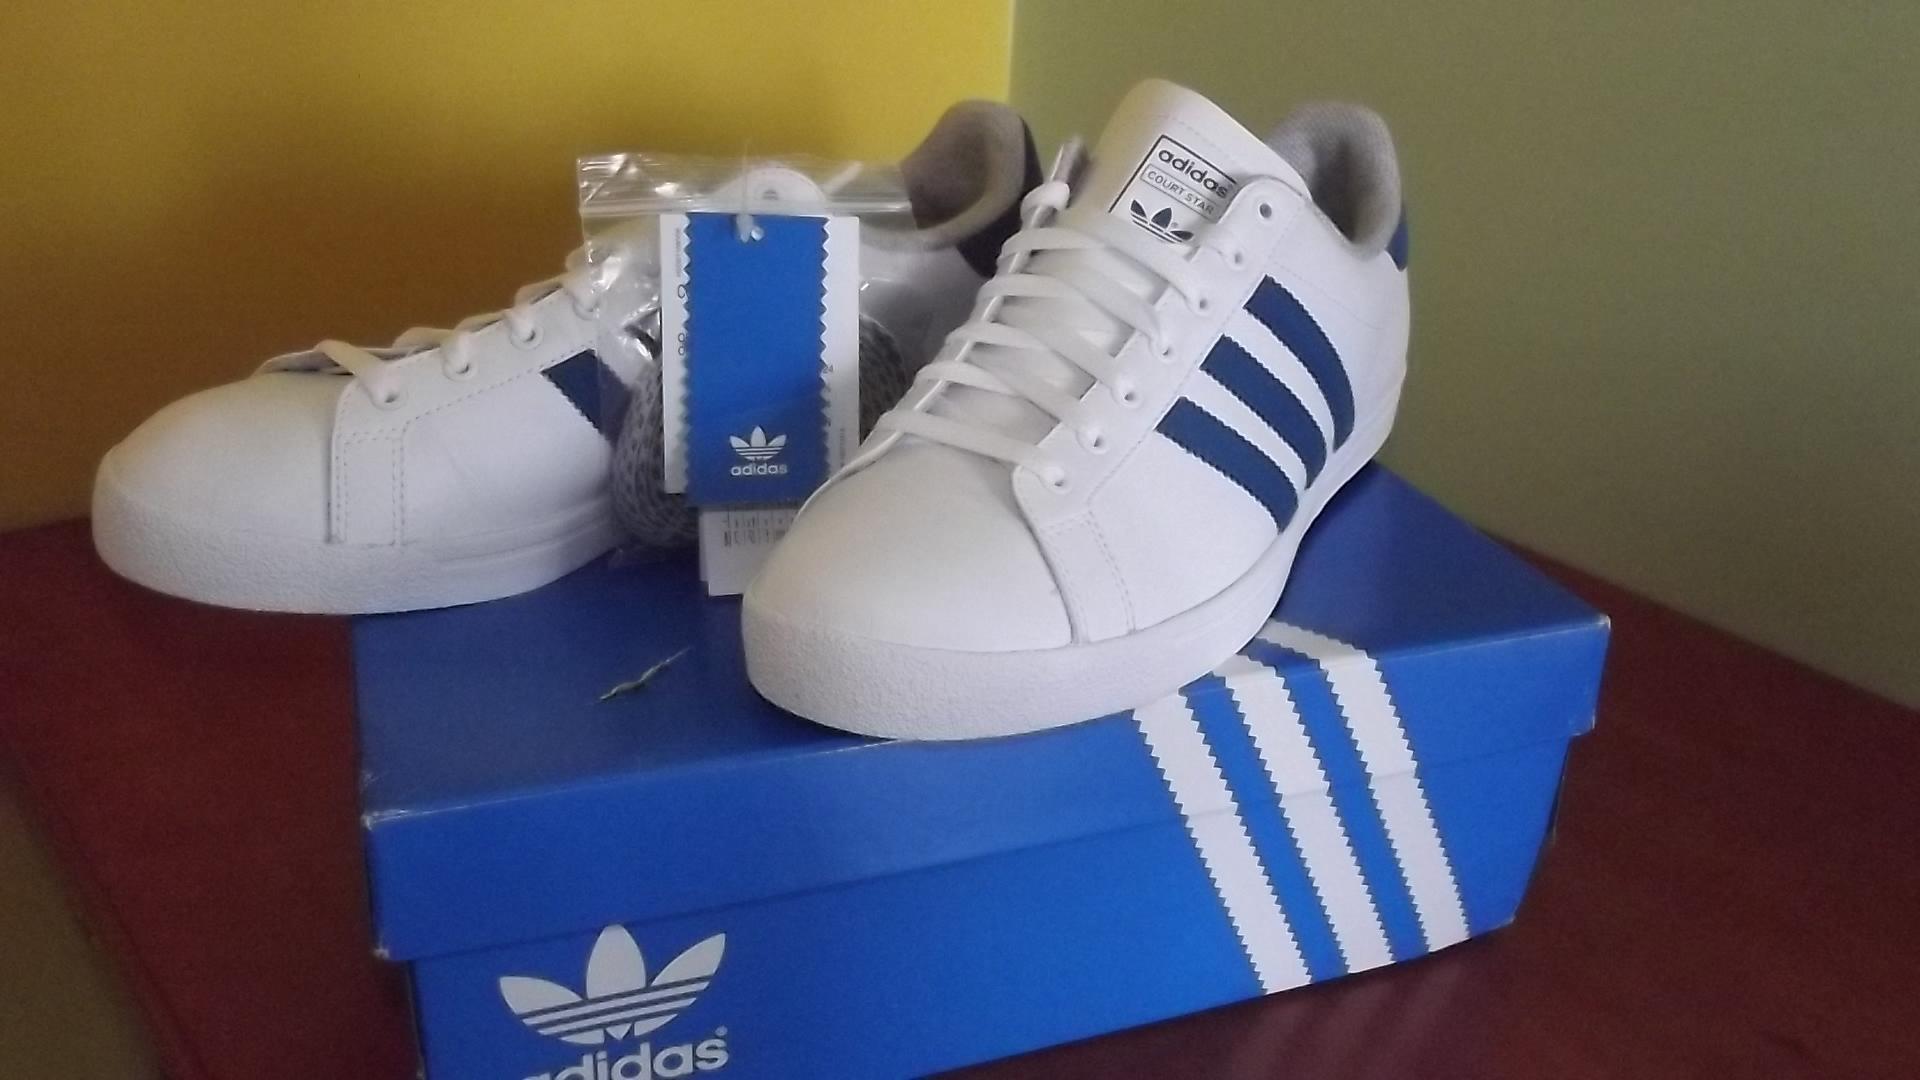 cf8144a7d9910 Oryginalne BIAŁE buty ADIDAS, 45 rozmiar TANIO - Sprzedam - forum ...